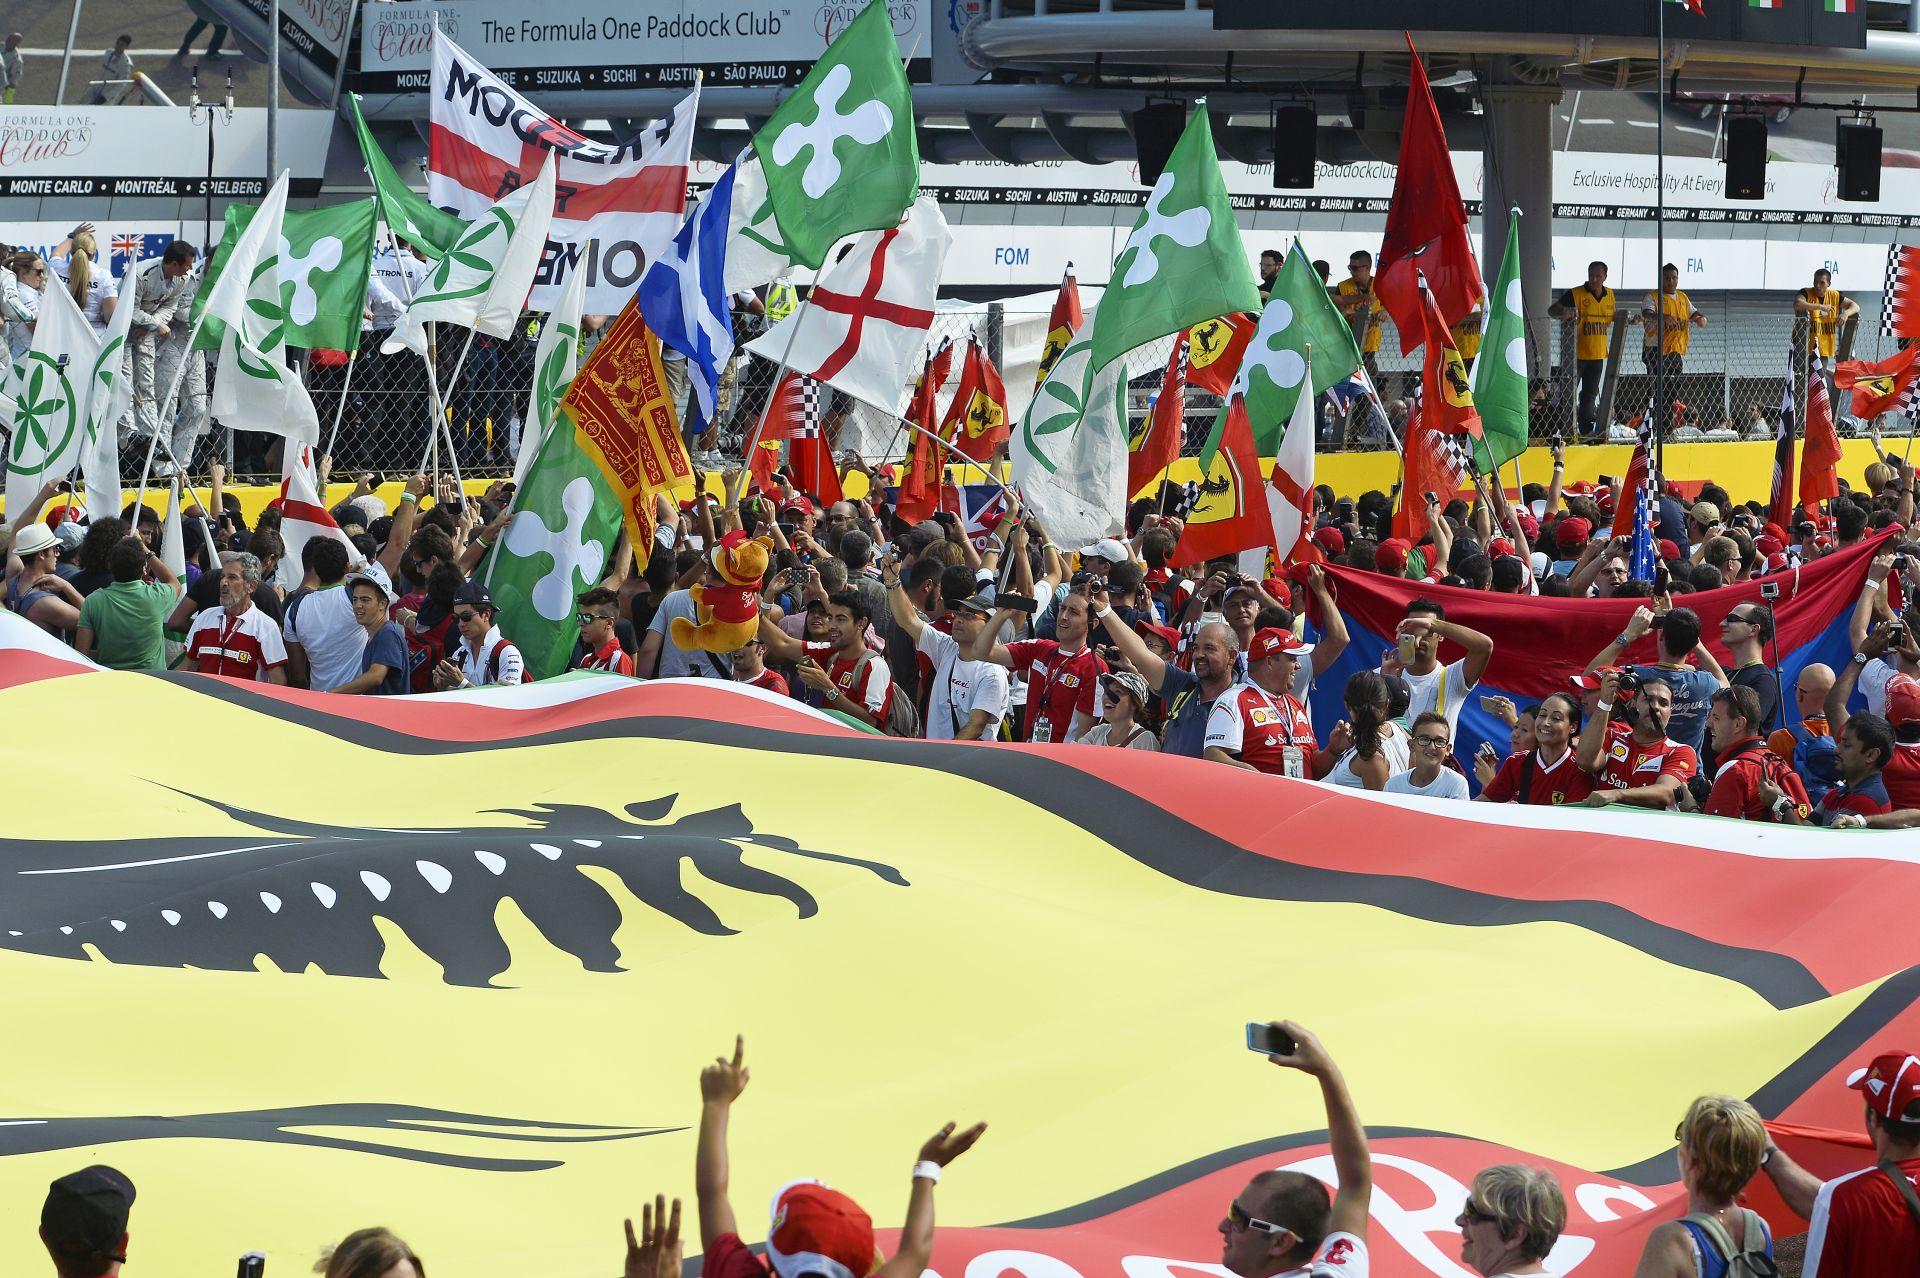 Nem lesz Olasz Nagydíj Monzában? Akkor a Ferrari kilép a Forma-1-ből!